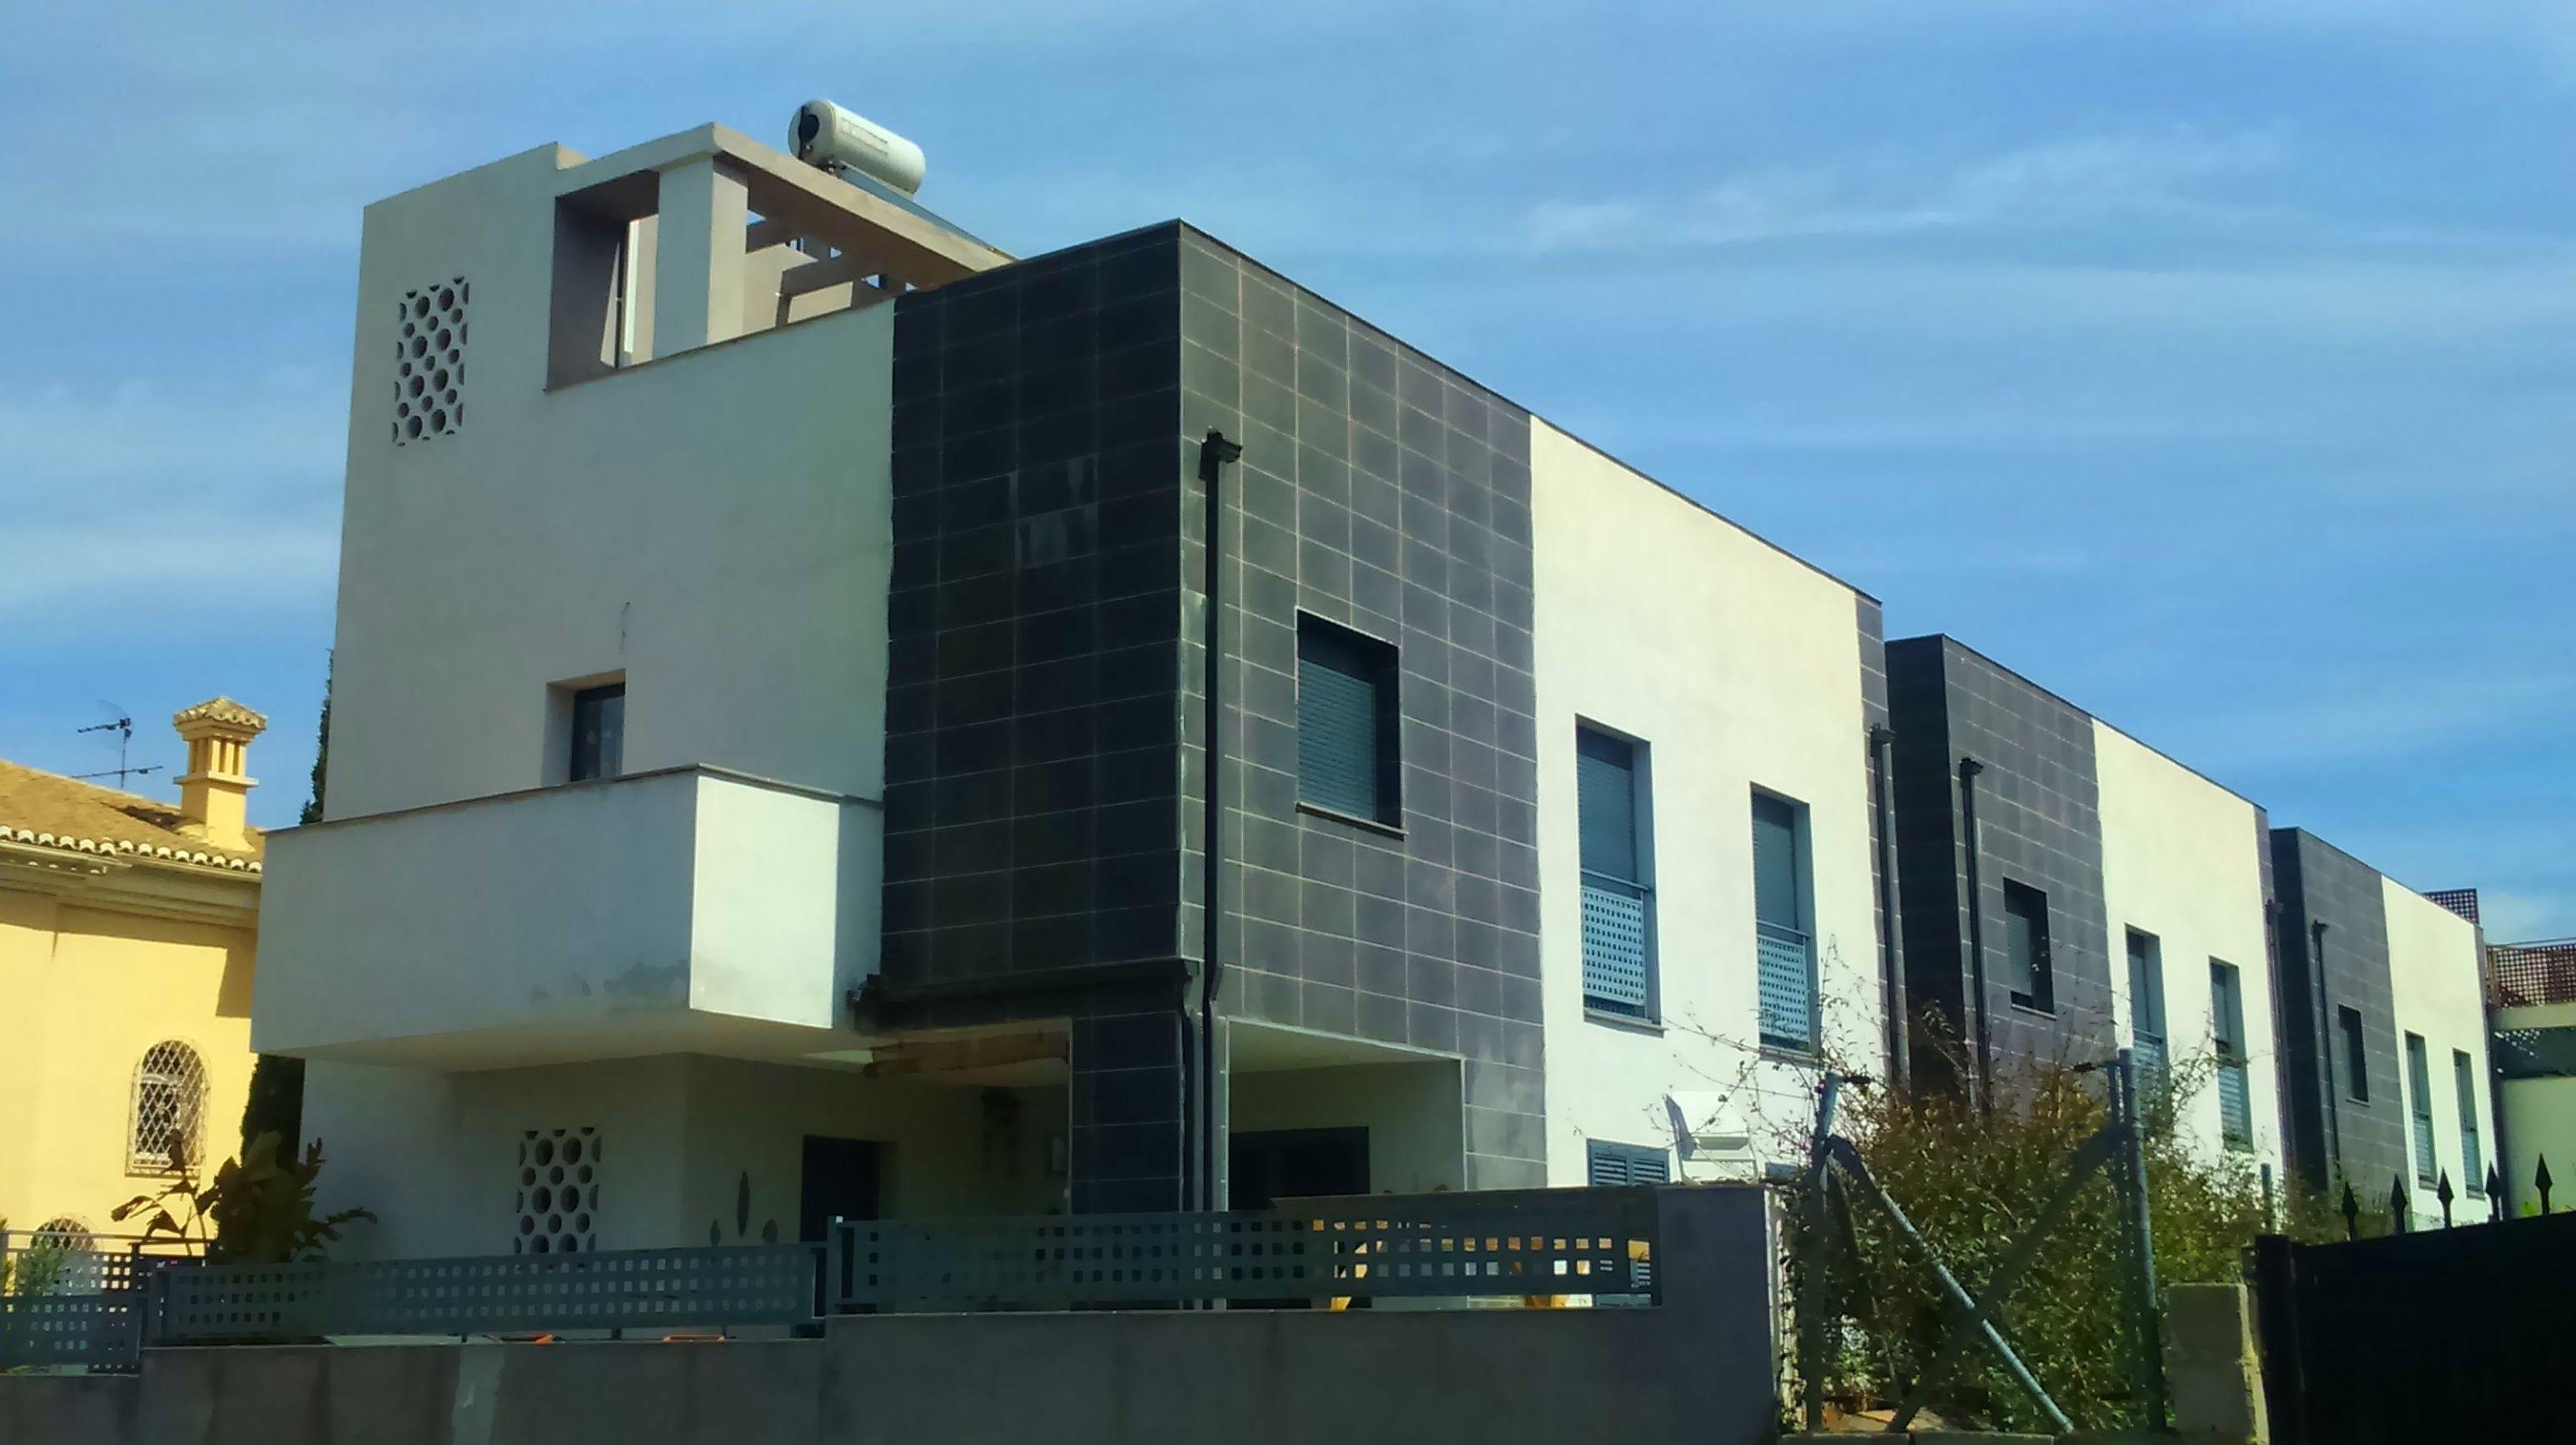 Promoción de 4 Viviendas Unifamiliares en Los Ogíjares (Granada) - Dirección de Obra